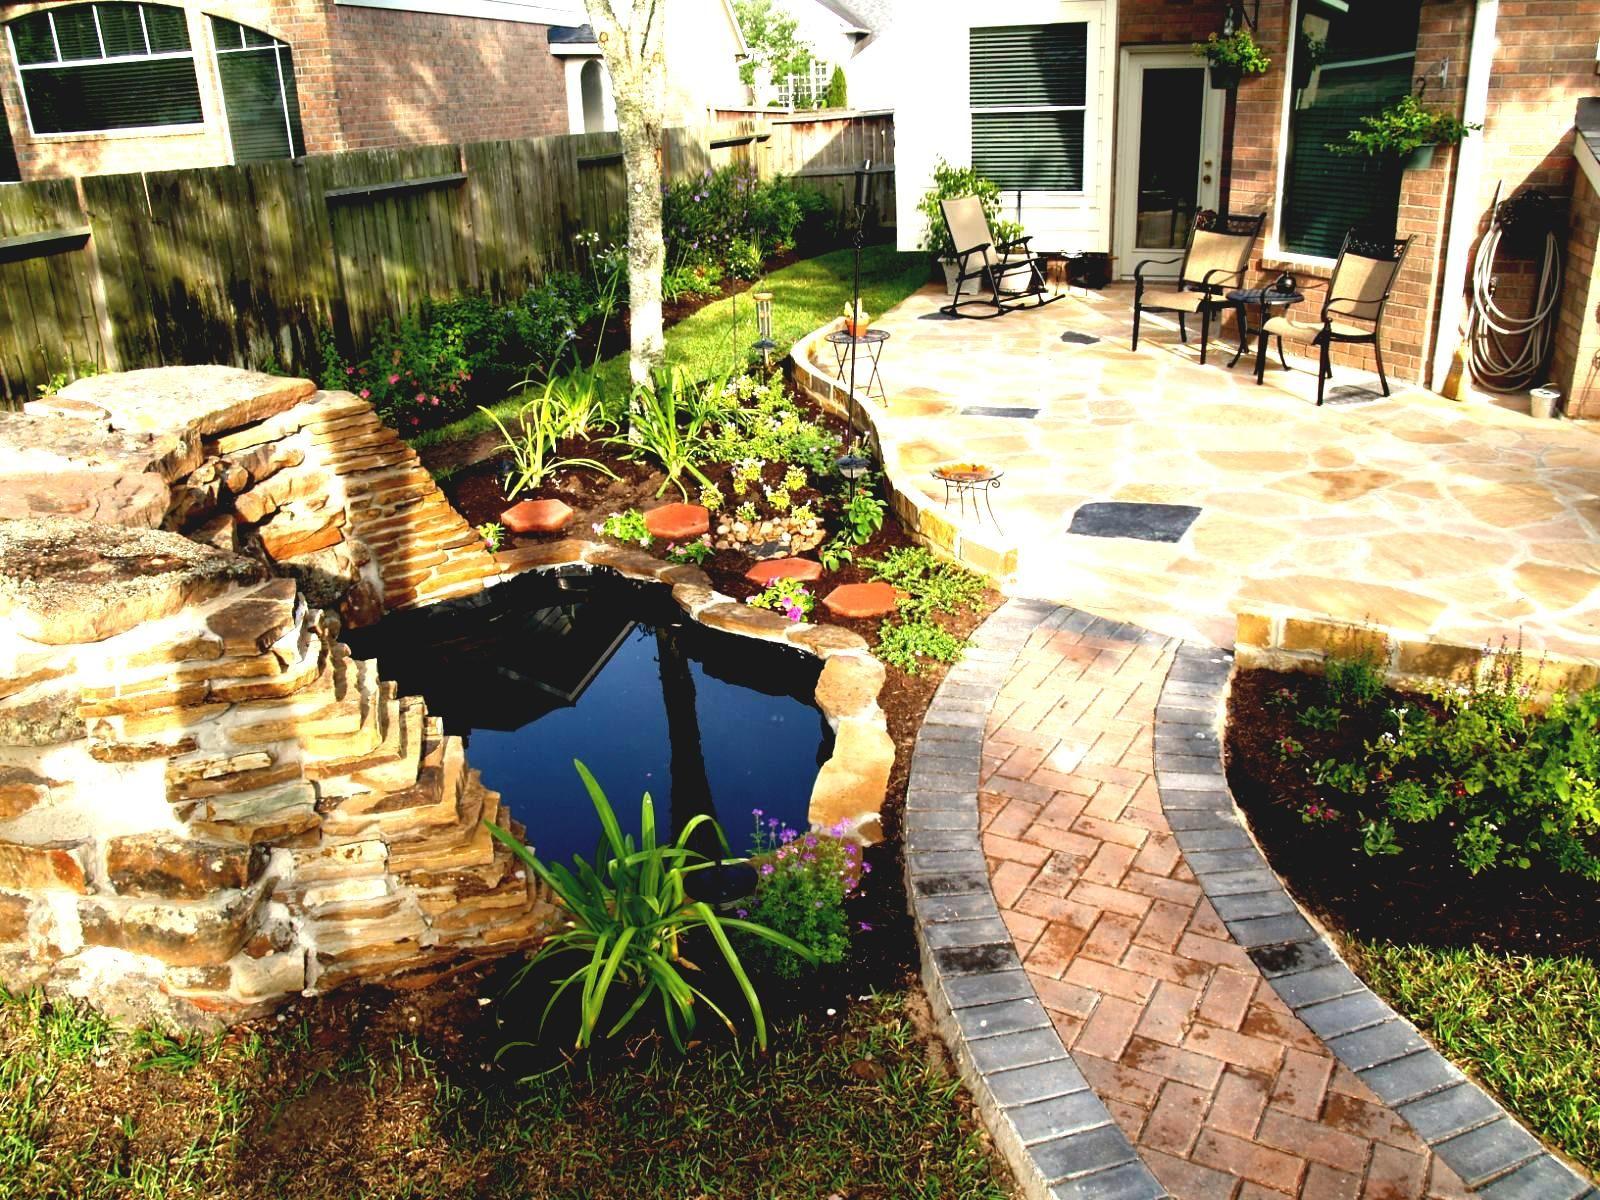 Trendige Erstaunliche Landschaft Designs Für Kleine Hinterhöfe Australien  #Gartendeko